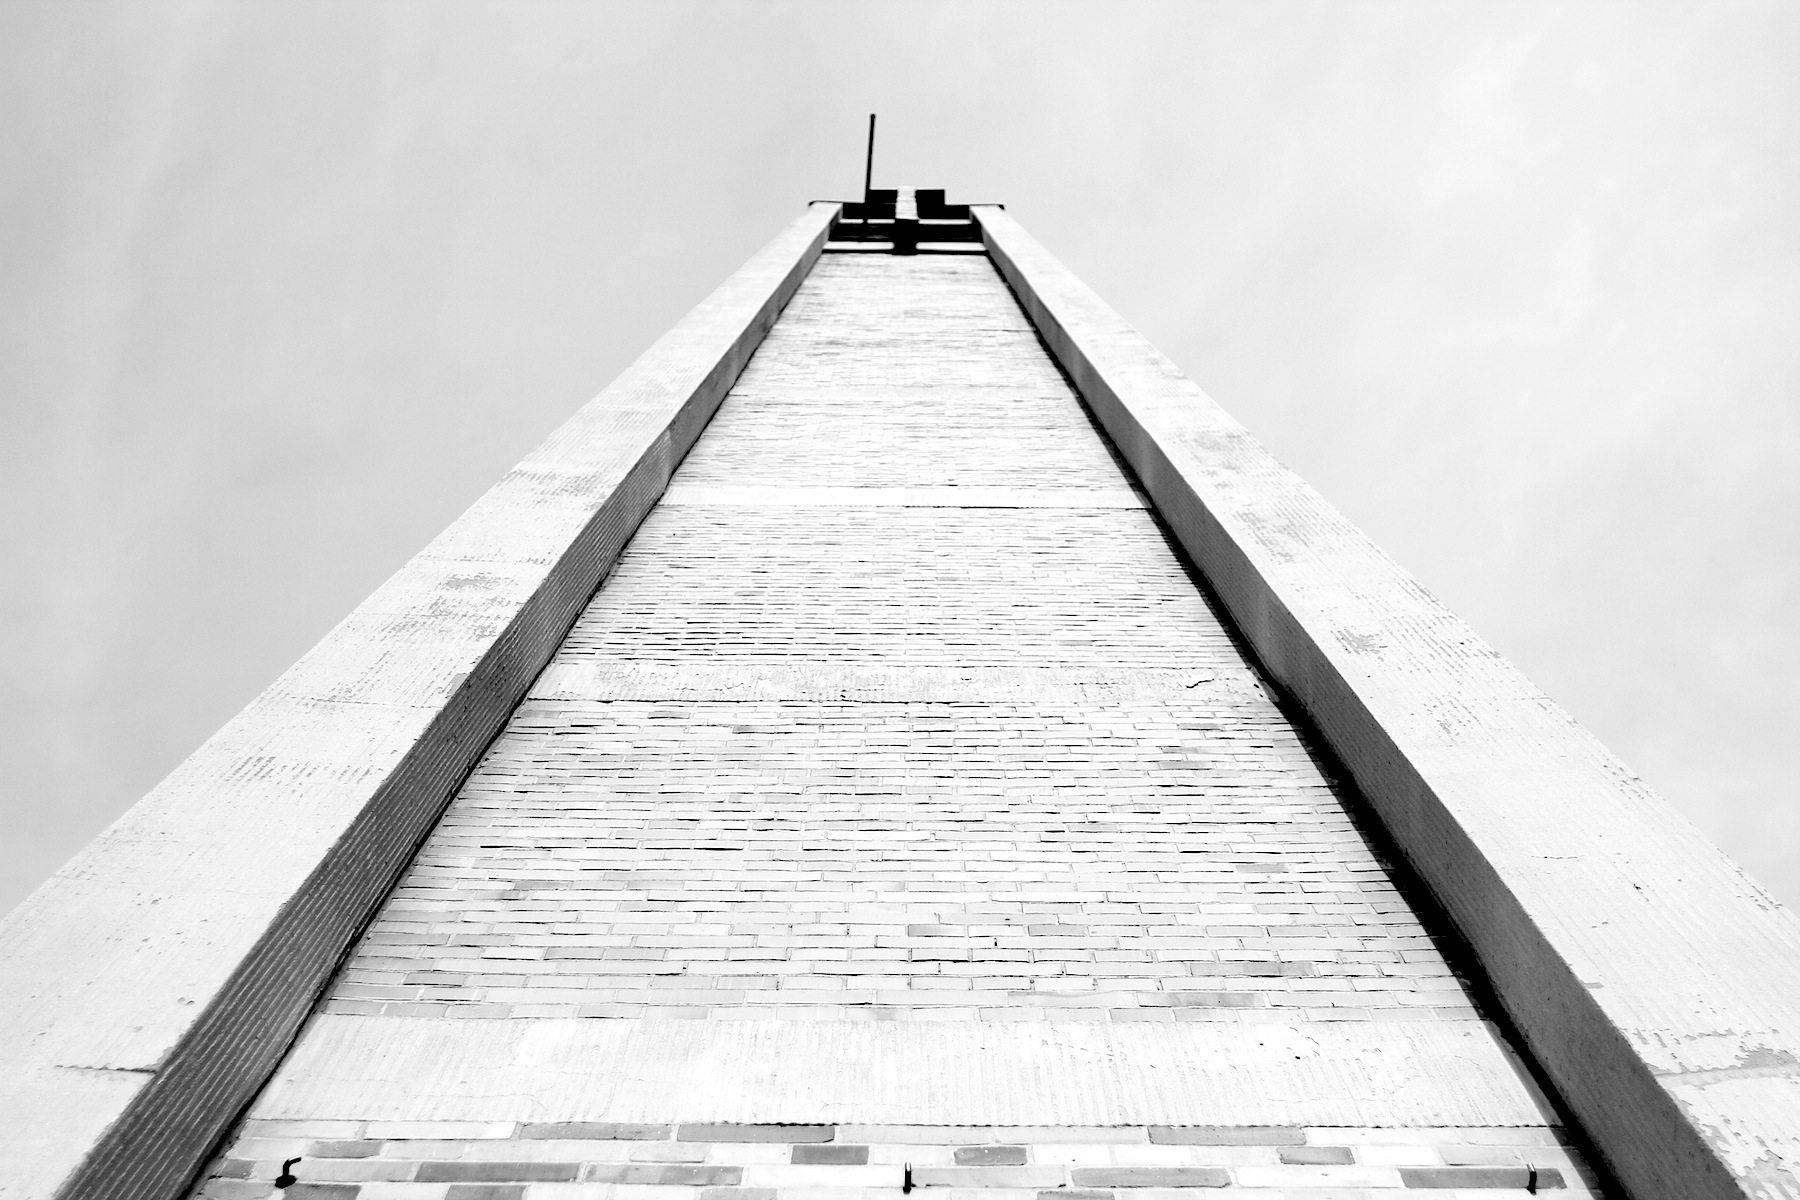 Gustav-Adolf-Kirche, Otto Bartning, 1934.  Bartning entwarf 150 Kirchen. Hinzu kommen Beteiligungen an Entwürfen und nicht ausgeführten Entwürfen.